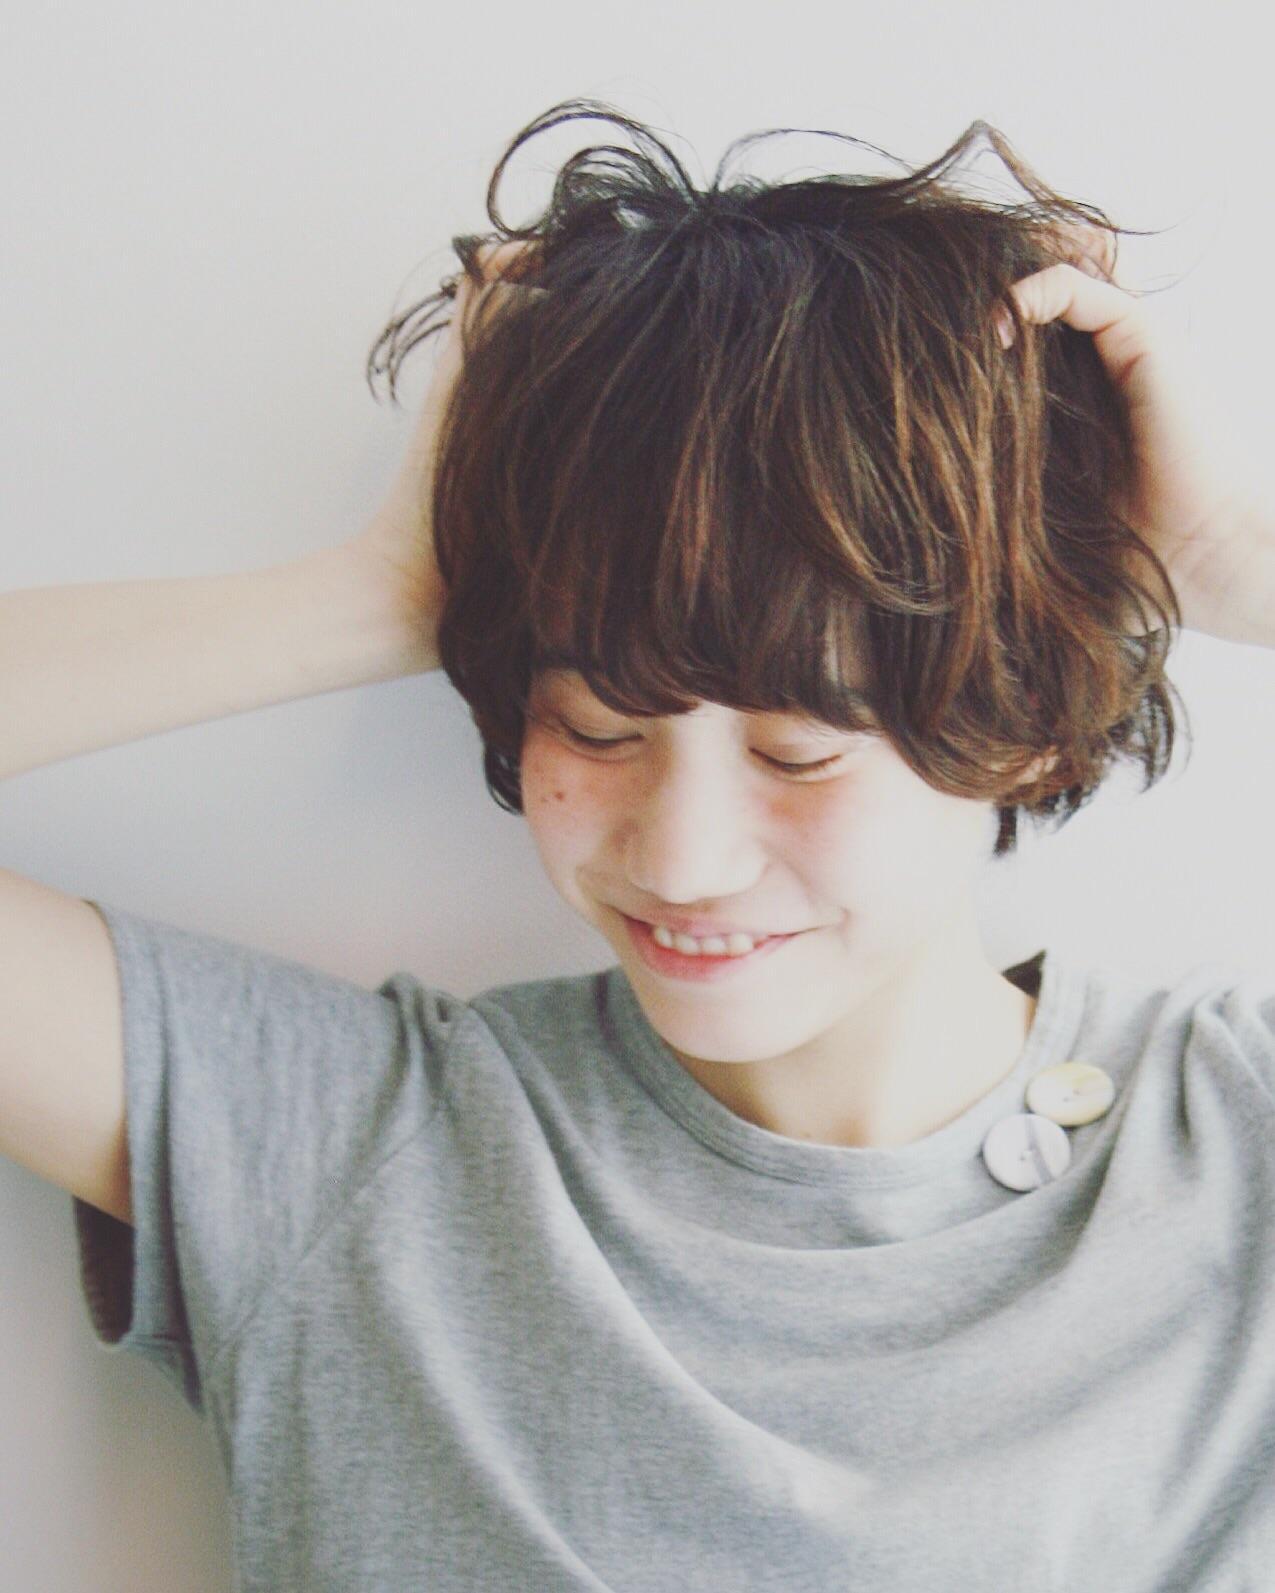 梅雨目前!パーマで気分もオシャレもHAPPYに♡(レディースカタログ)のサムネイル画像